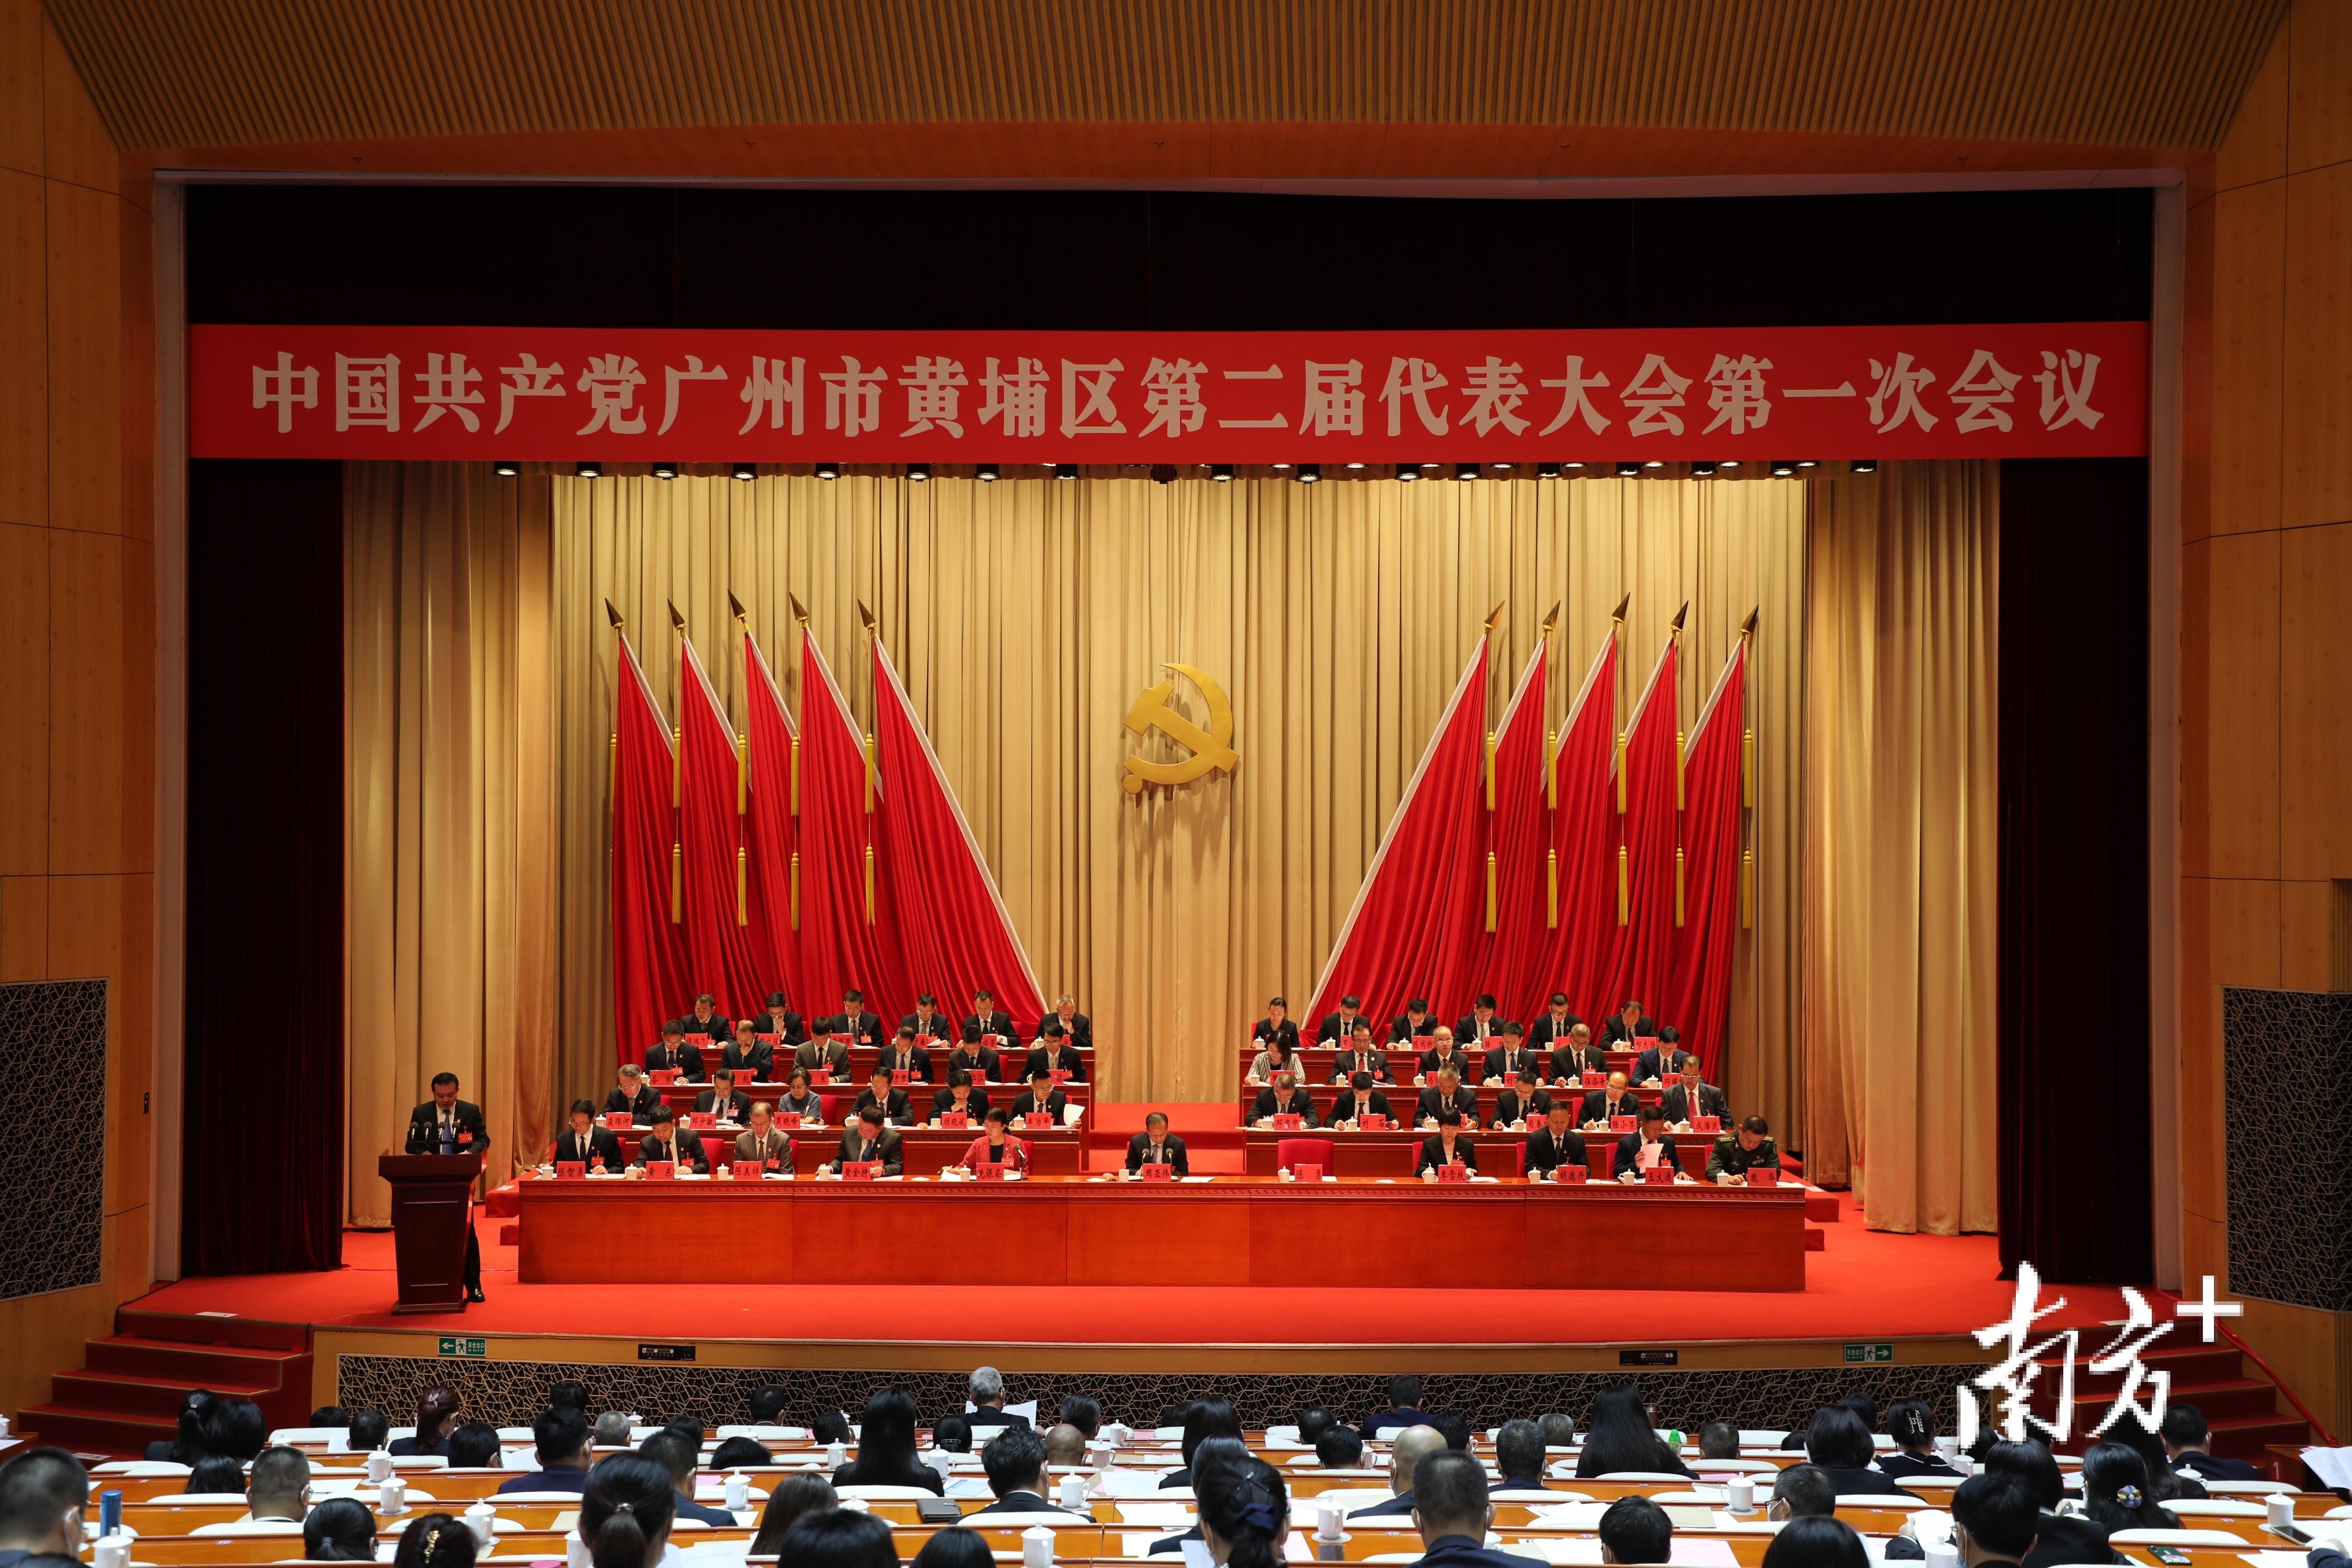 gdp7%_中国上半年GDP增速12.7%,我怎么看